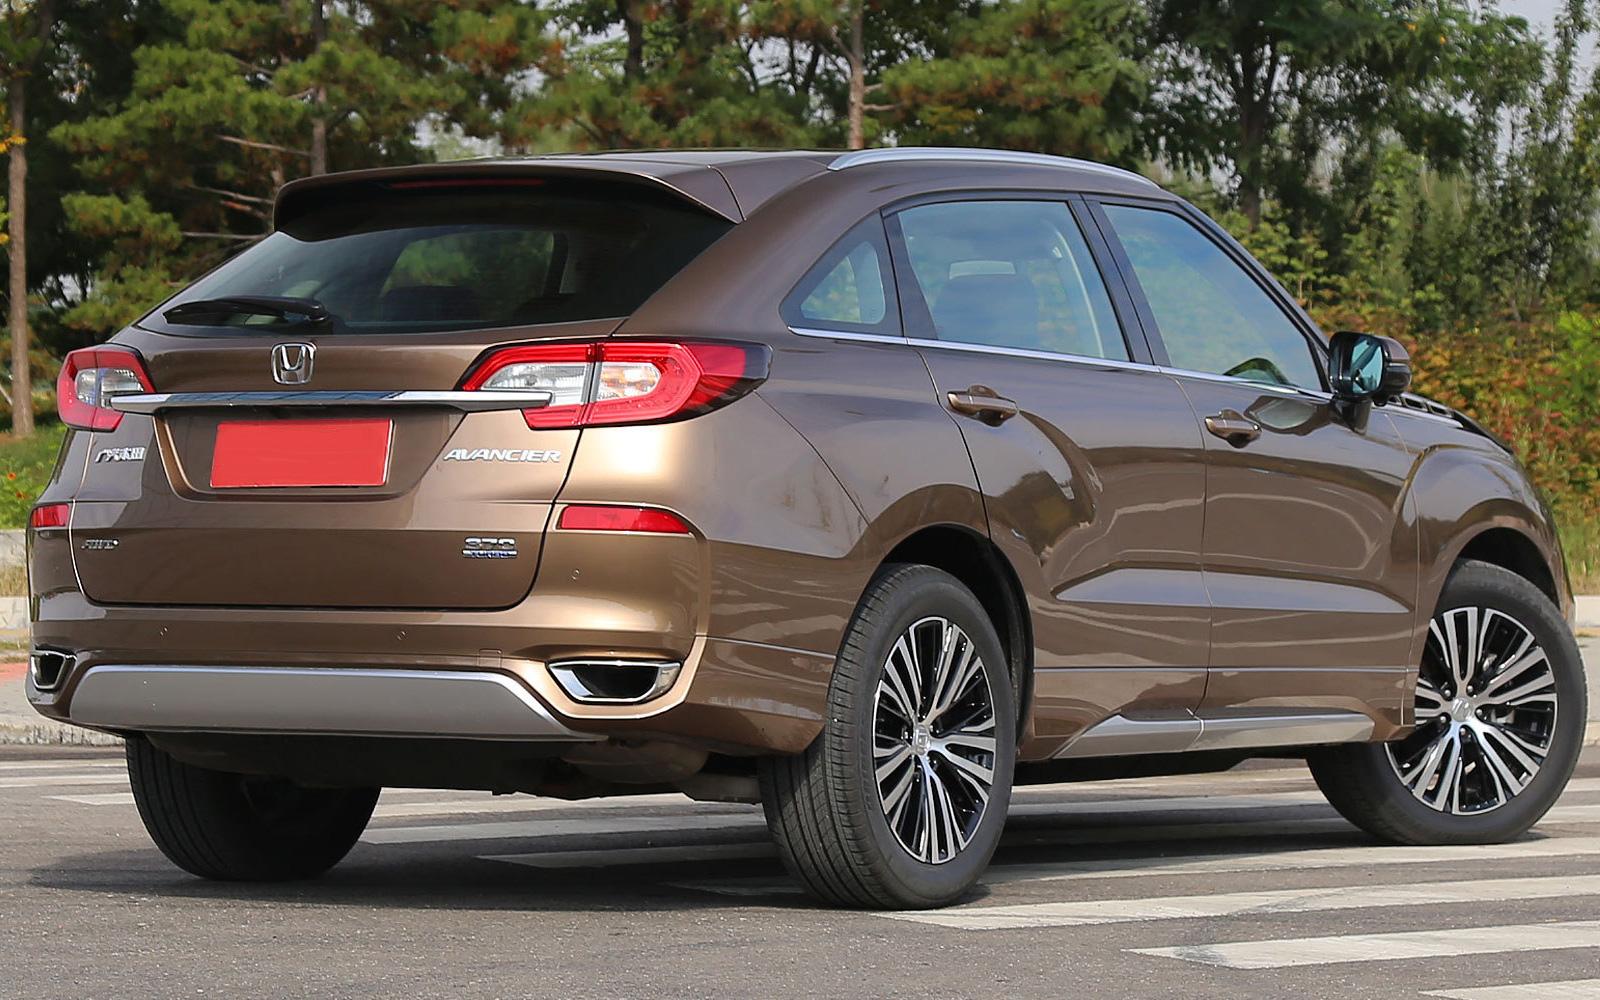 Honda Avancier (2017-2018) цена и характеристики, фотографии и обзор